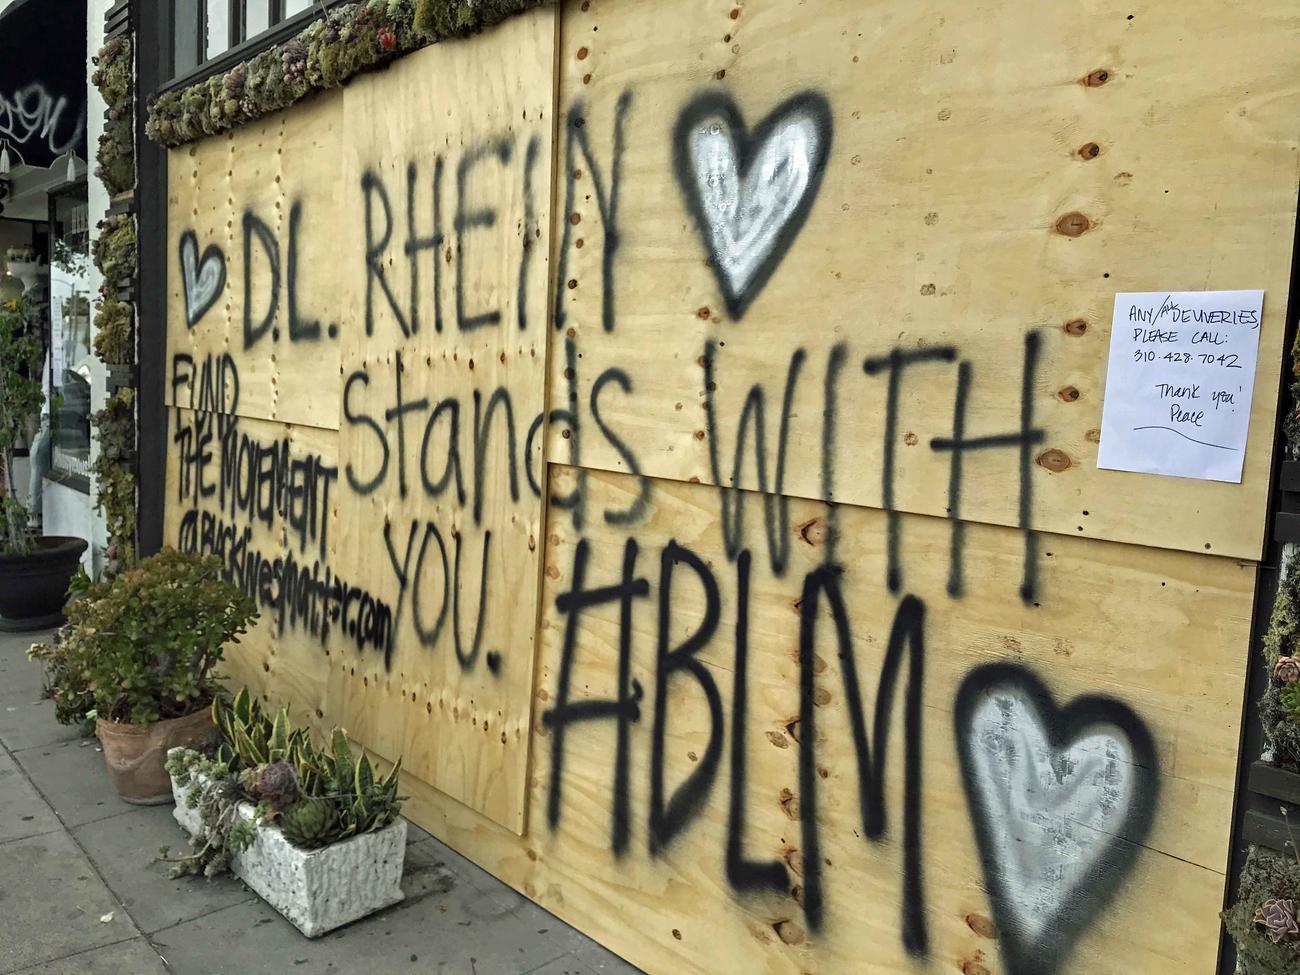 BLMサポートの文字が一面に書かれた防護板で店をプロテクトする雑貨店